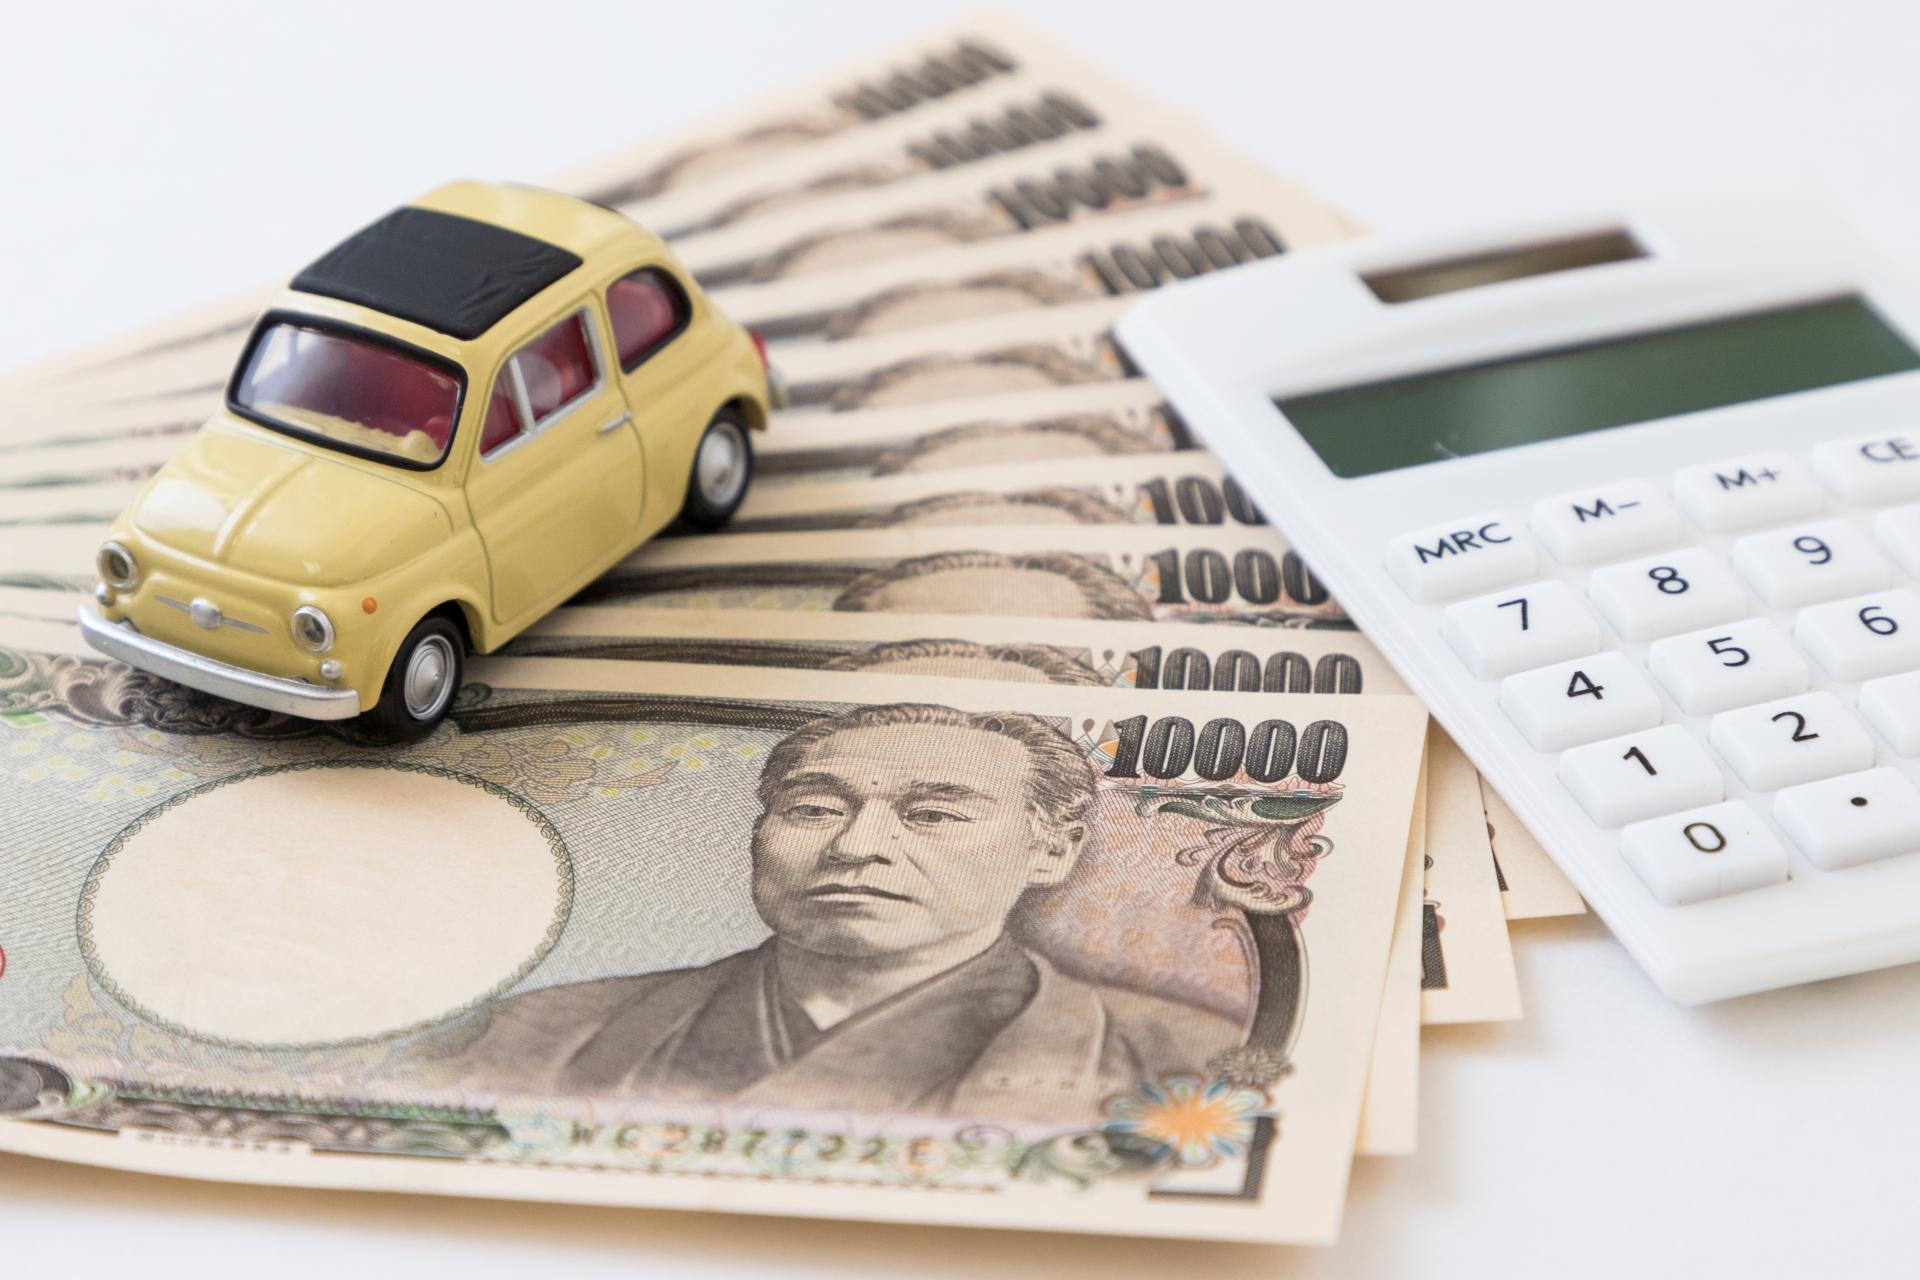 5月といえば自動車税!覚えておきたい支払いで得するキャンペーン情報